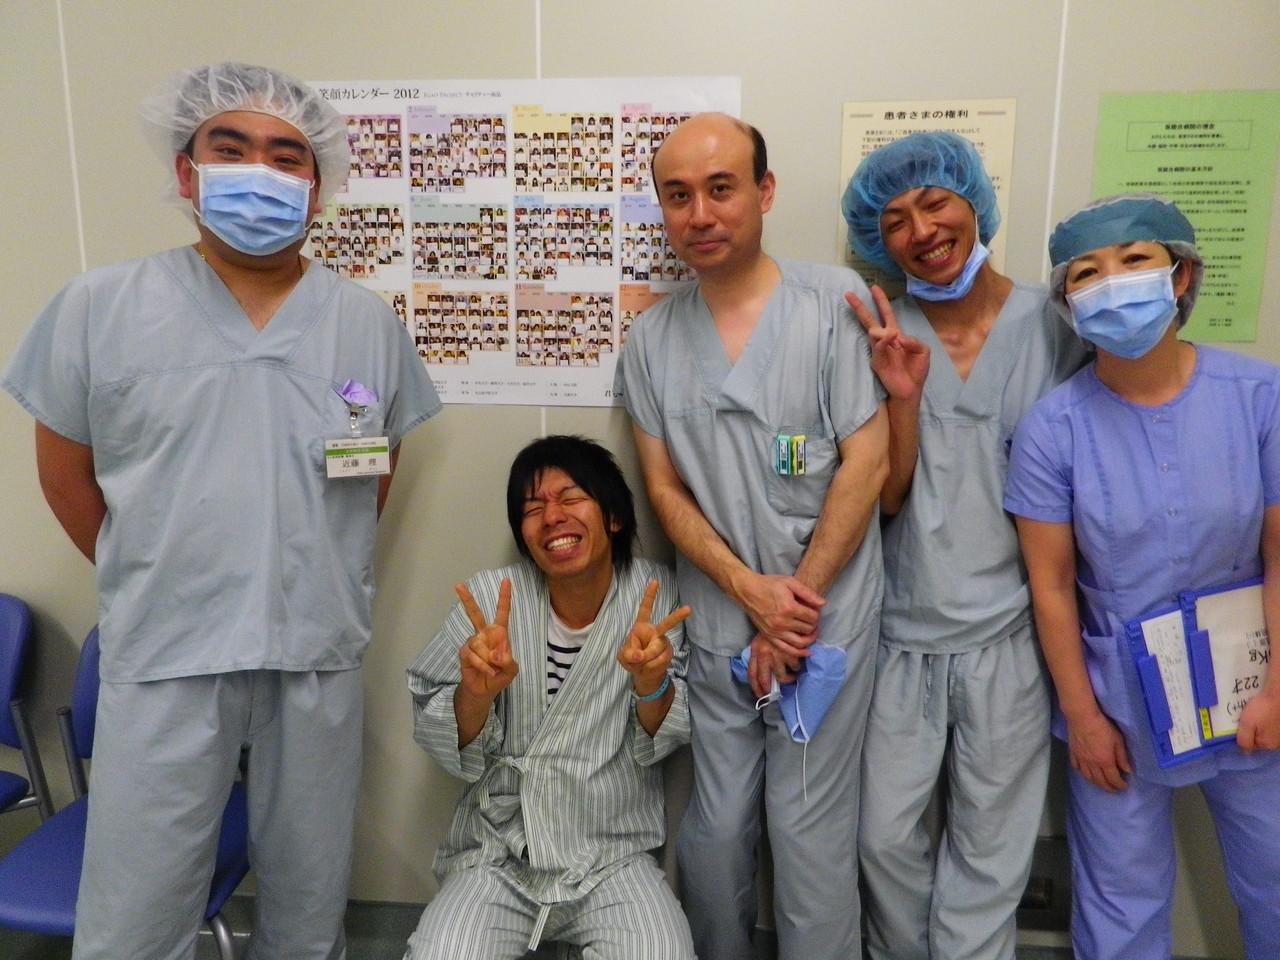 吉川 手術前